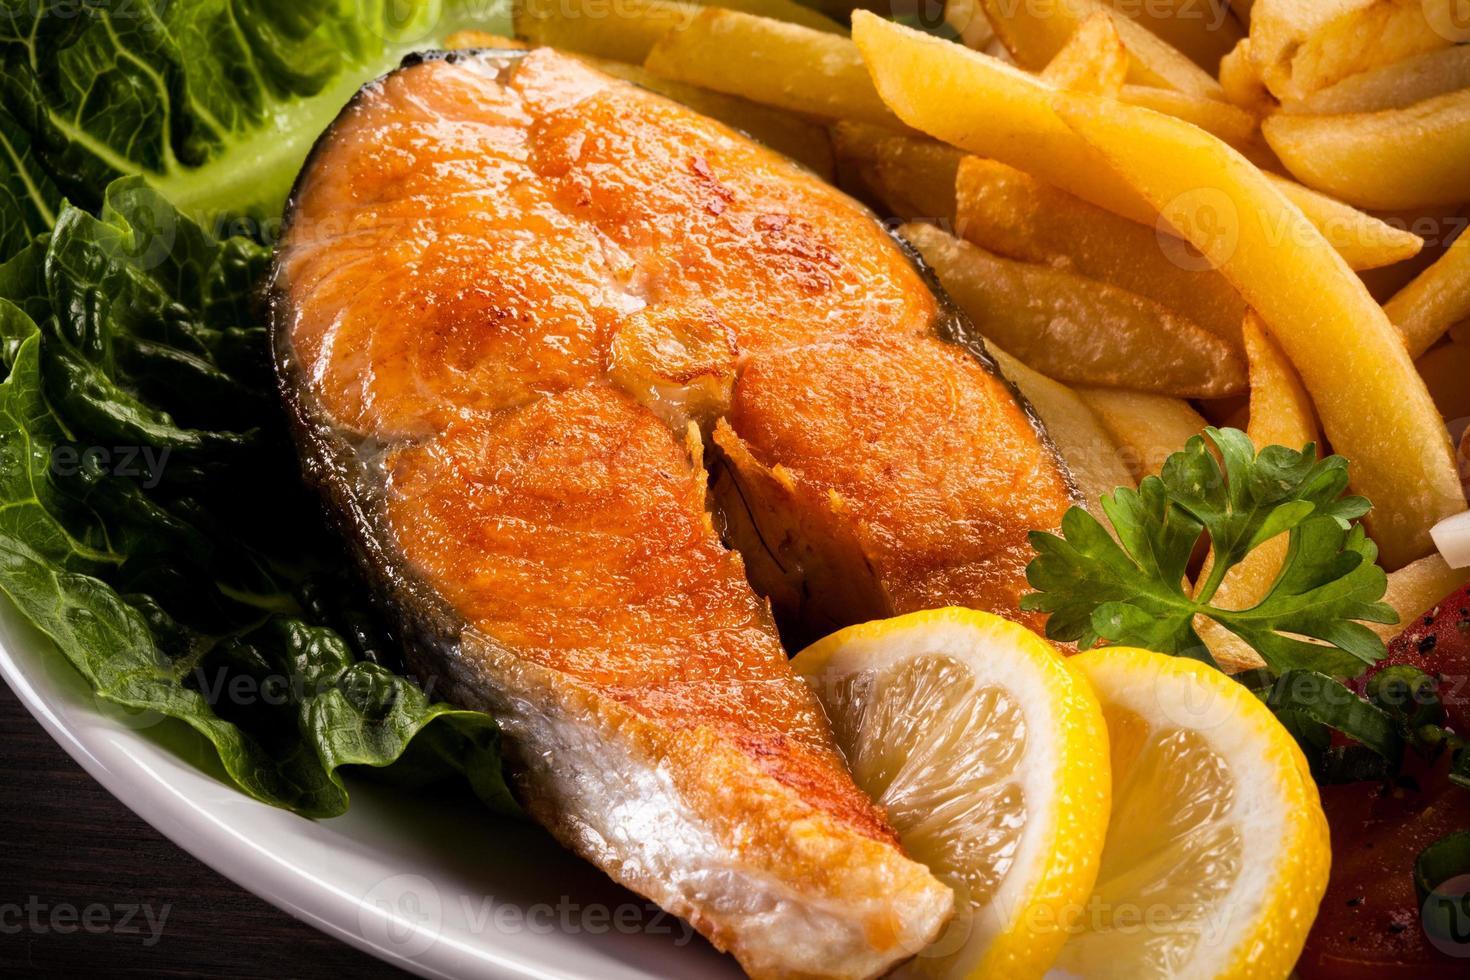 salmão assado, batata frita e legumes foto